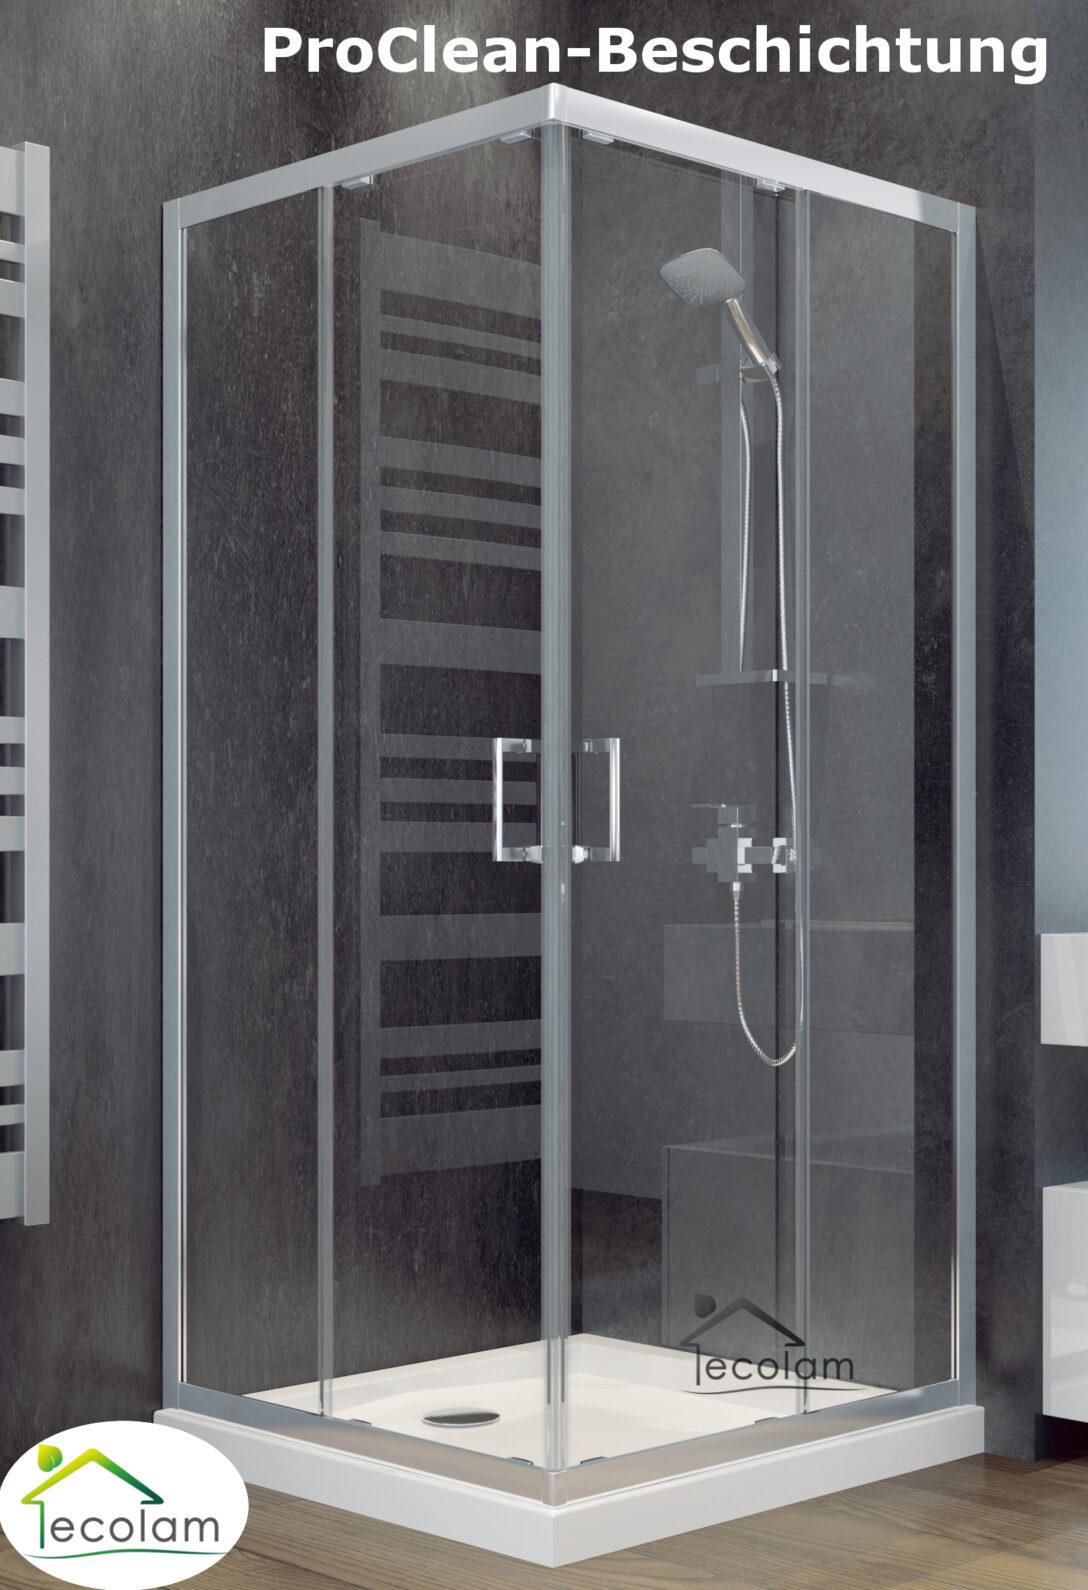 Large Size of Duschkabine 80x80 Viertelkreis Mit Duschtasse U Form Dusche Ausreichend Komplett Glas U Form 80 X Obi Hornbach Eckeinstieg Viereck Transparentes 185 Cm Dusche Dusche 80x80